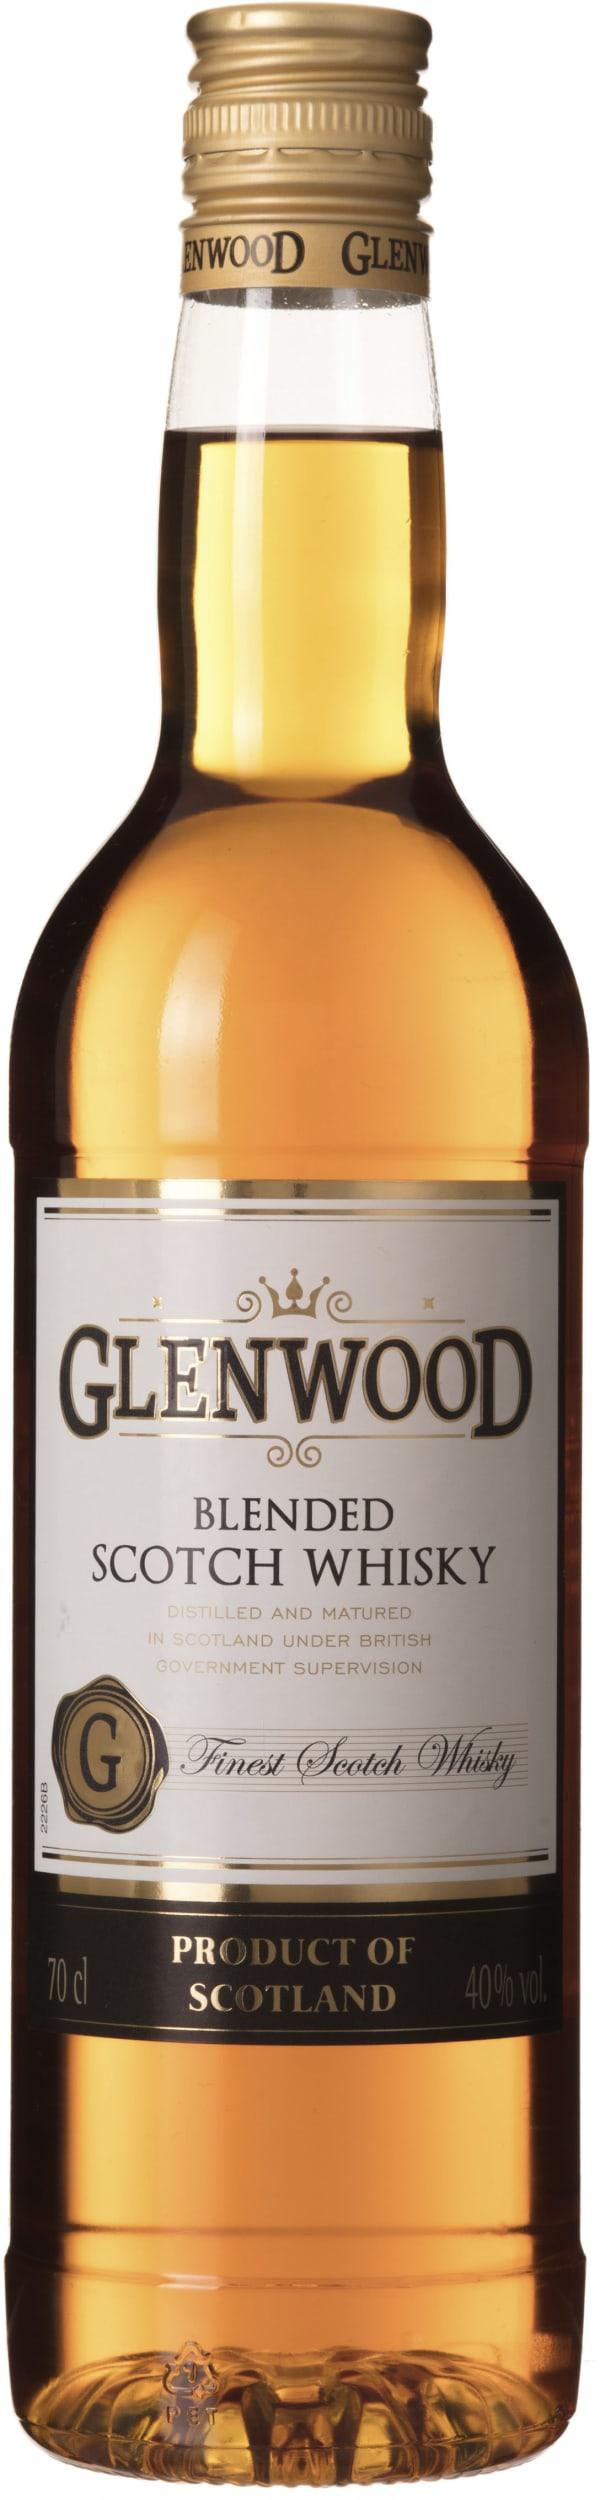 Glenwood plastic bottle